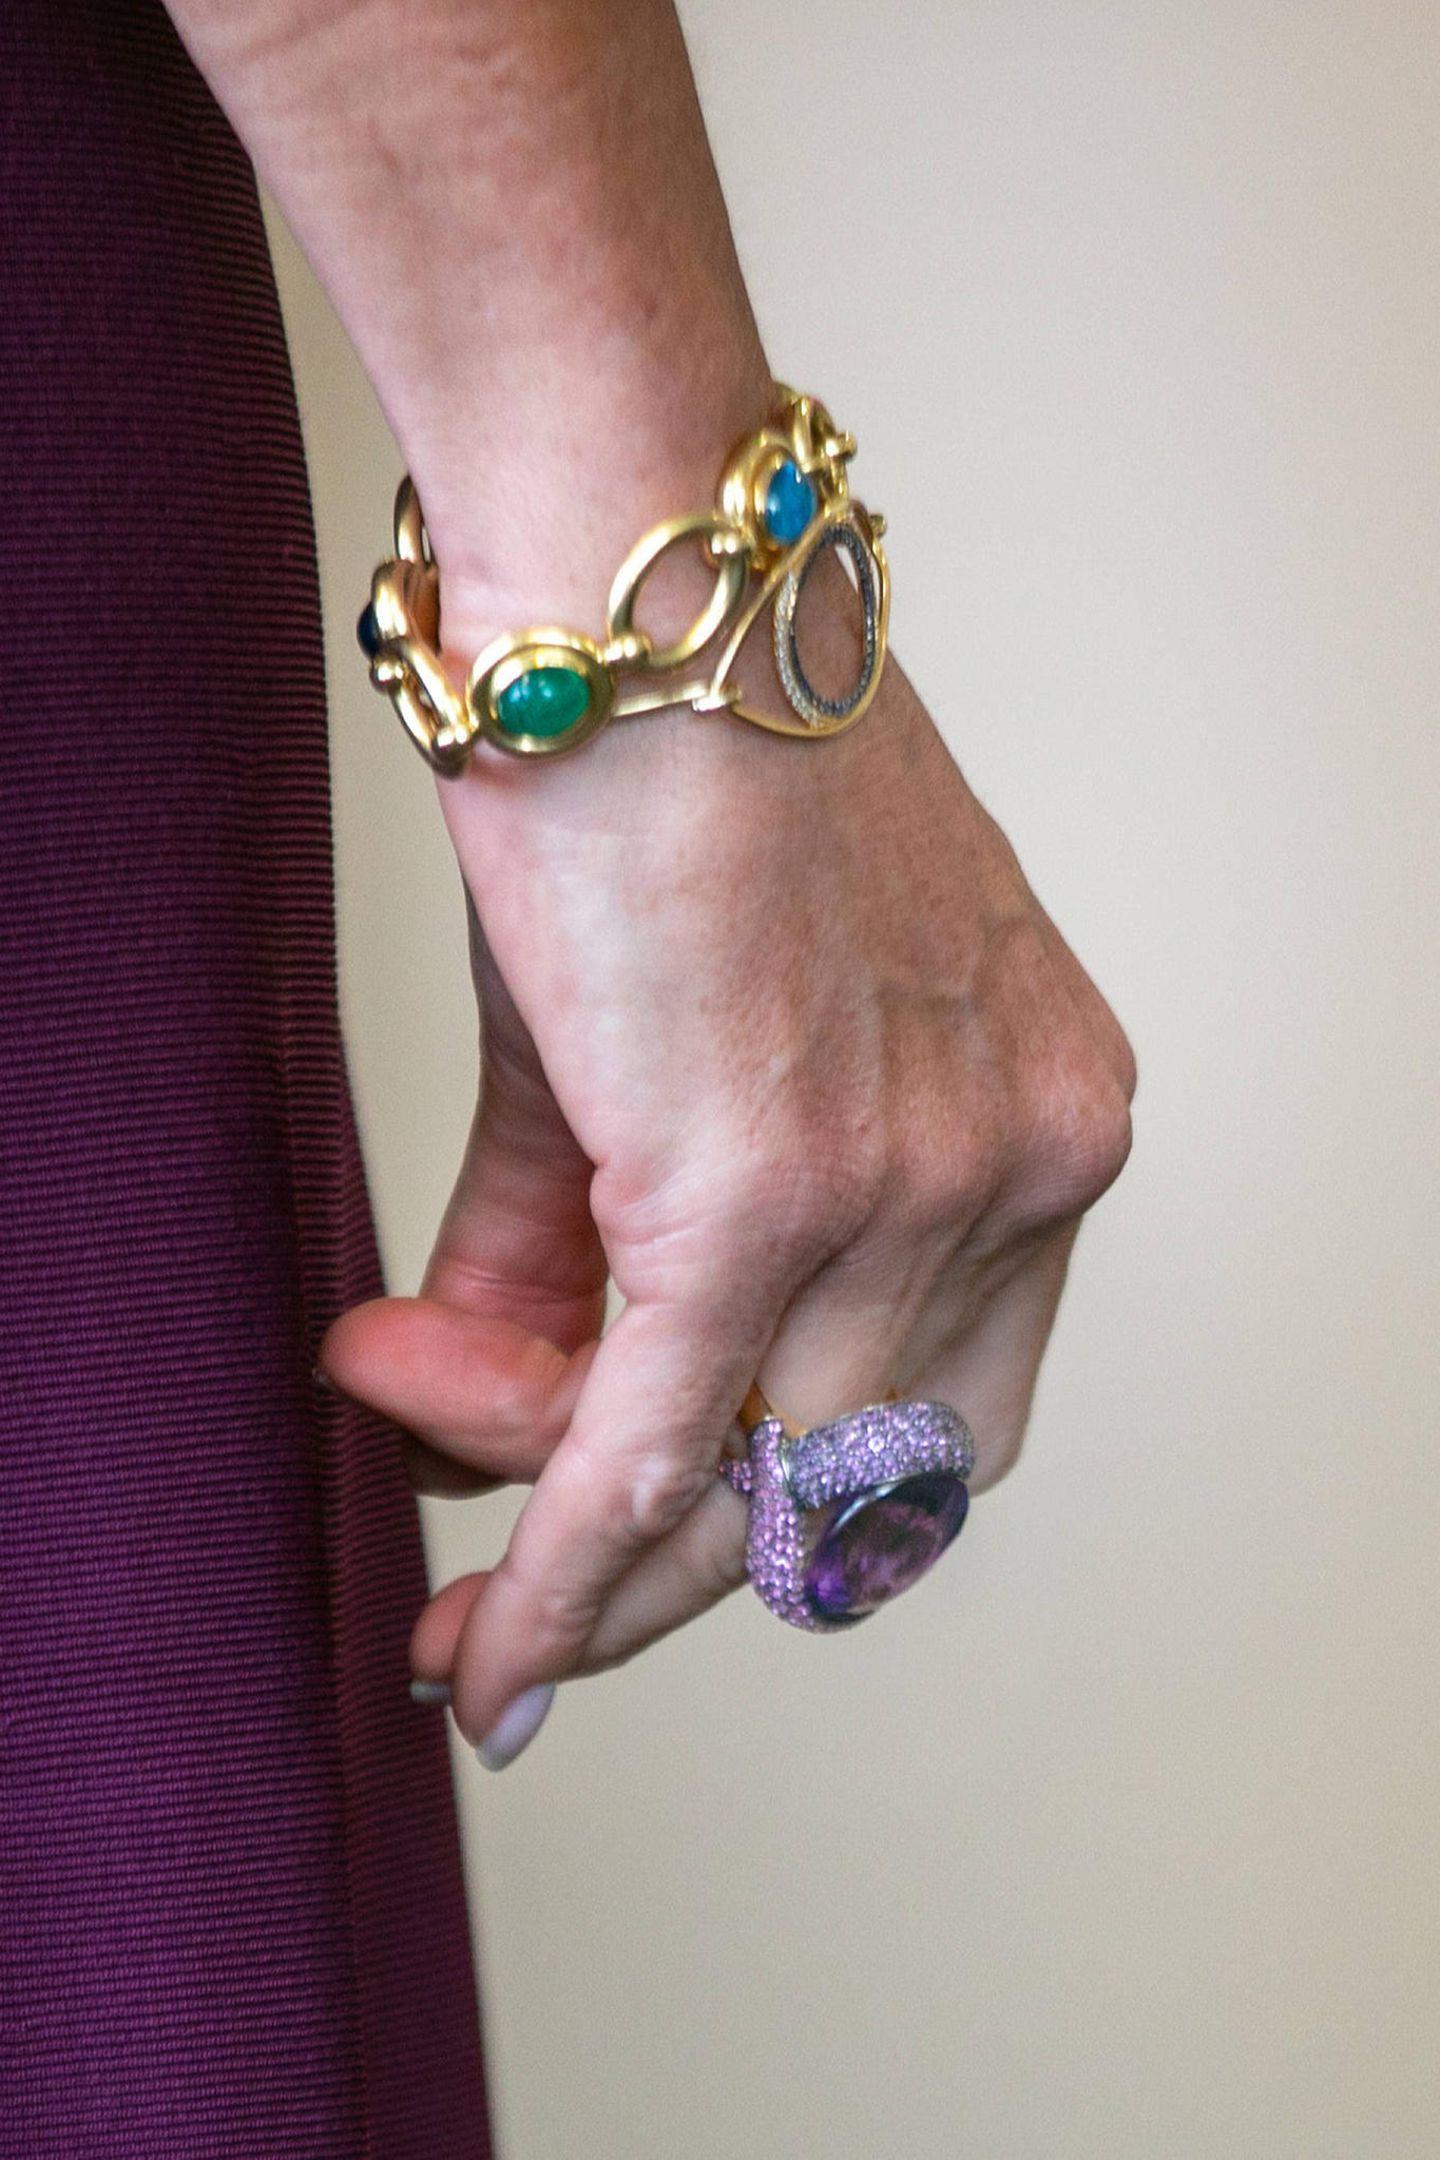 Das nicht näher identifizierte Schmuckstück wurde schon einige Male an Máximas Hand gesehen - hier funkeltvermutlich ein Amethyst.